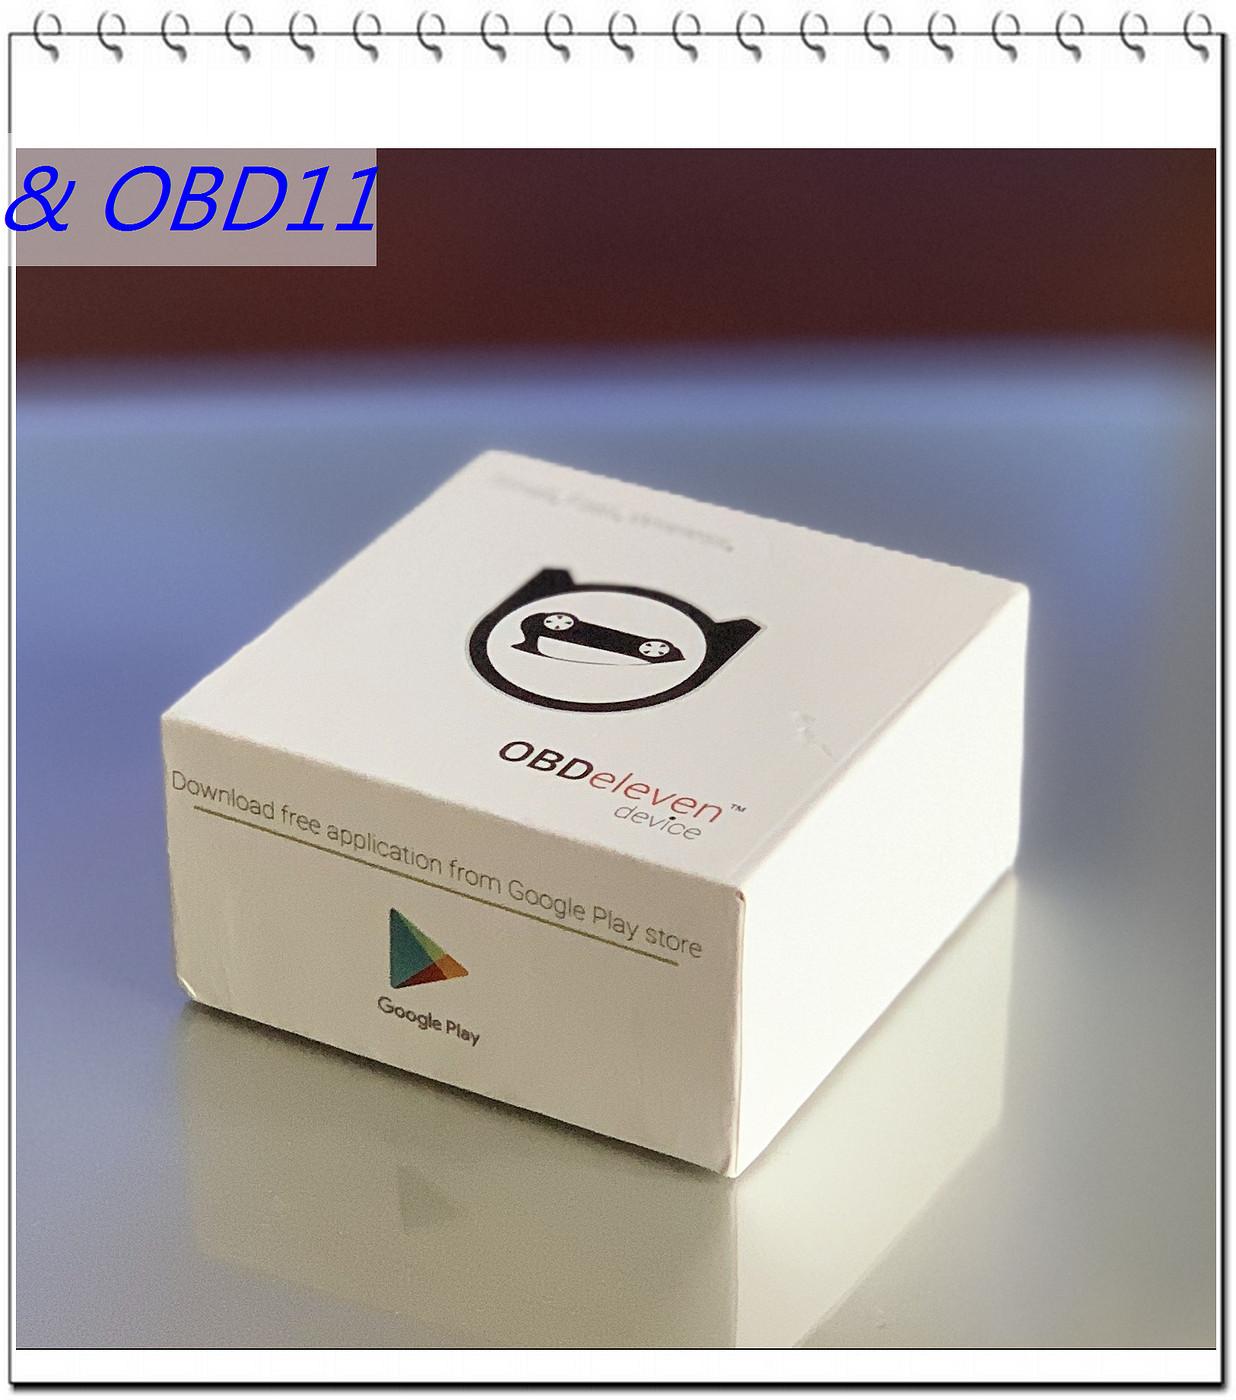 VW VCDS & OBDEleven